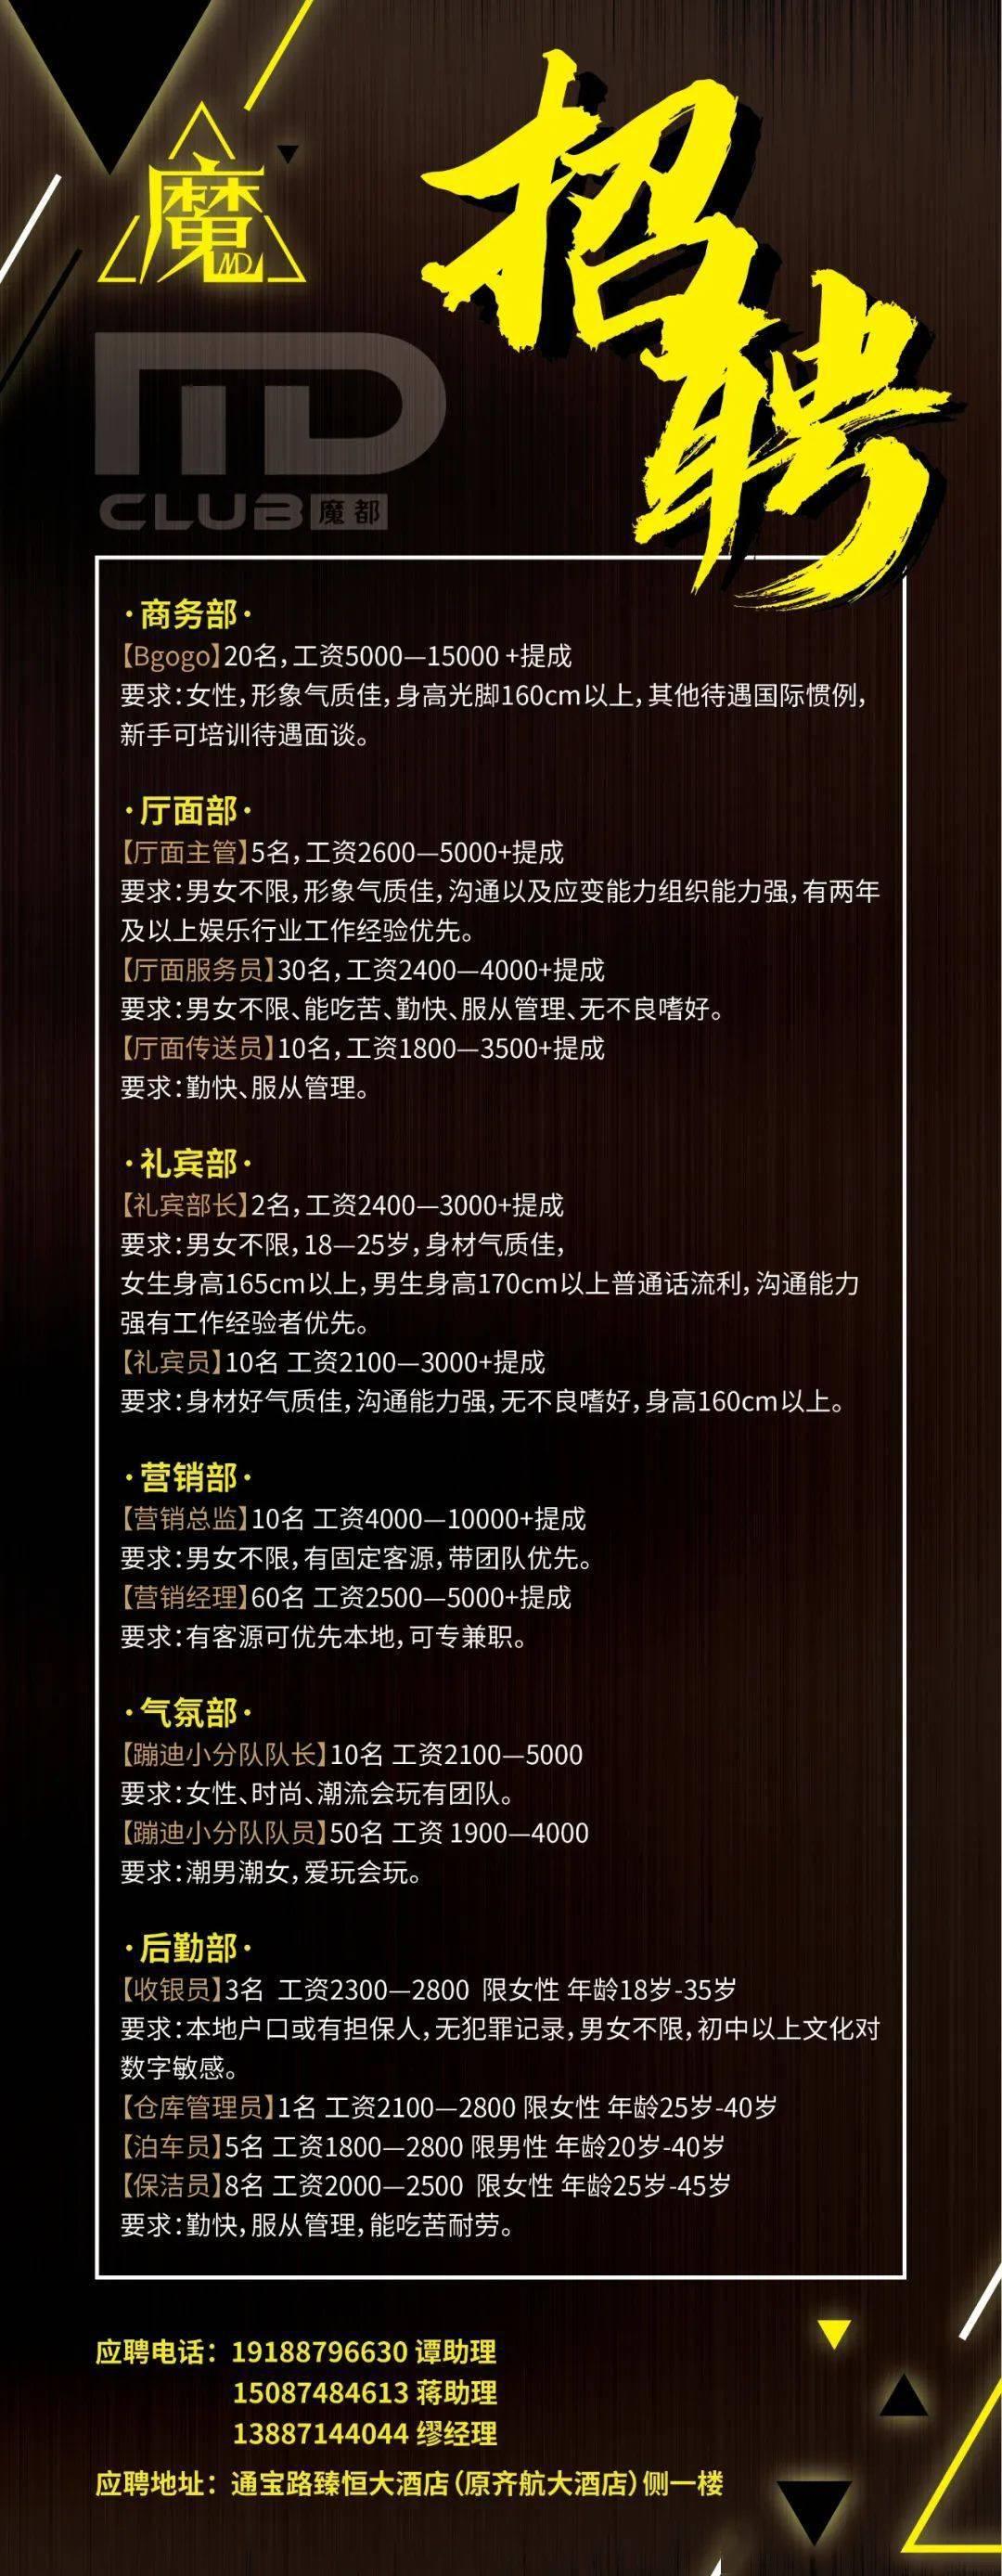 2020年全国职校排名_2020京领中国国际学校竞争力排行榜·广州城市榜正式